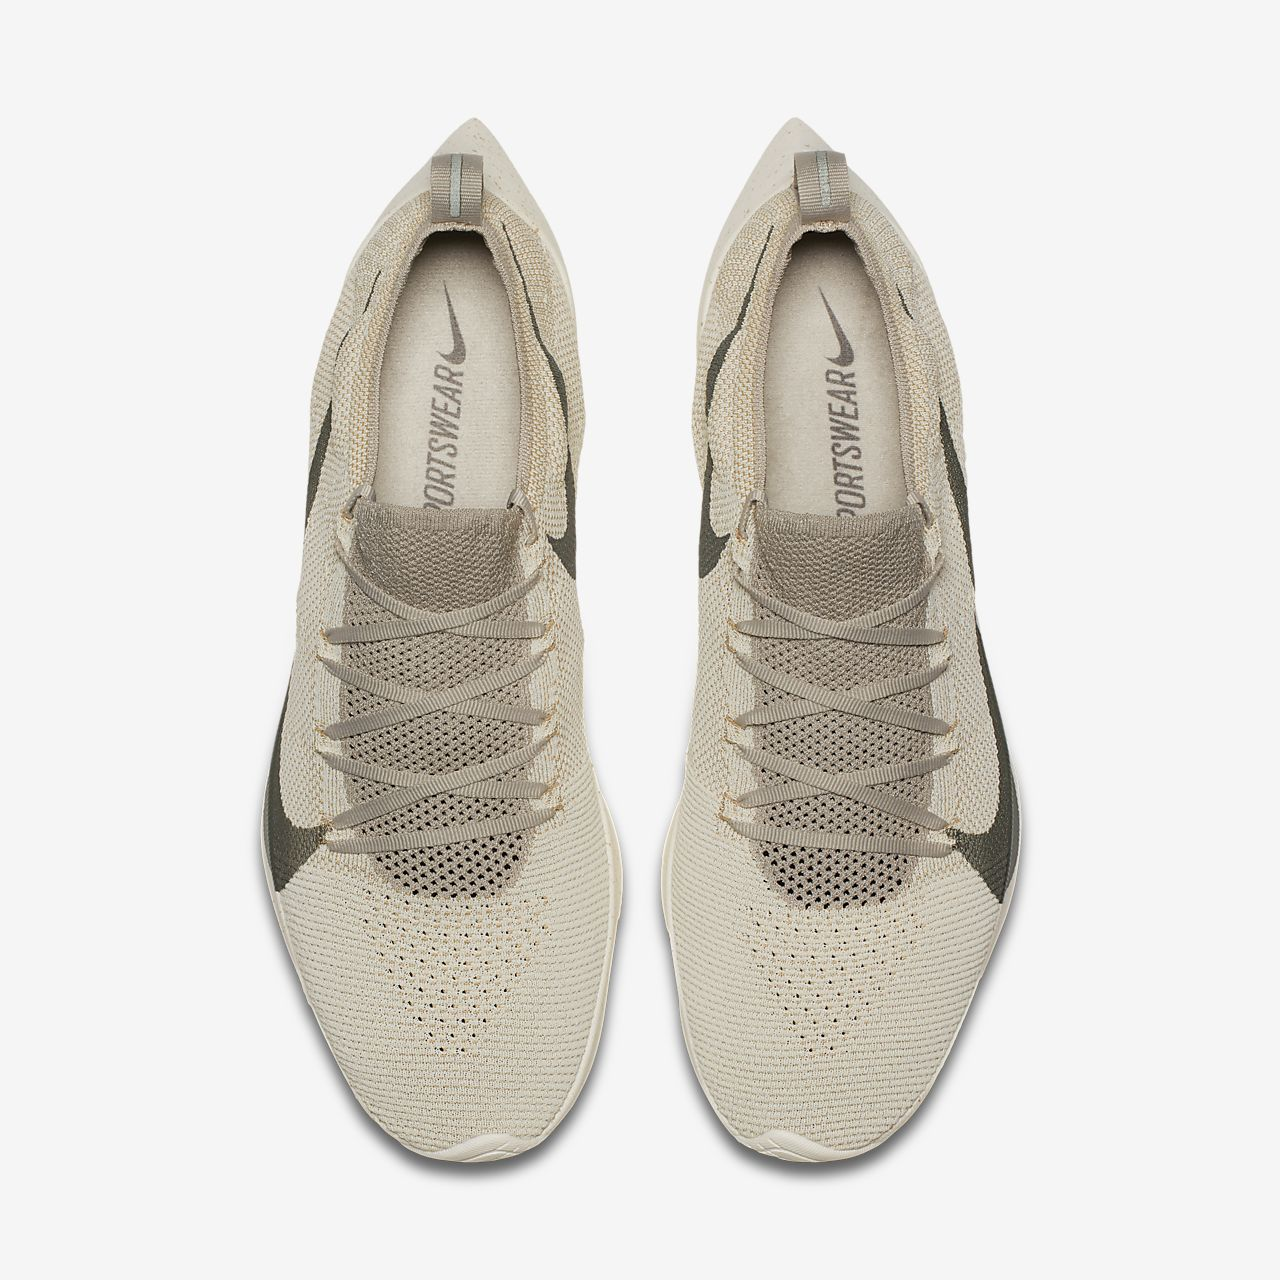 363bca07485e Nike React Vapor Street Flyknit Men s Shoe. Nike.com NO